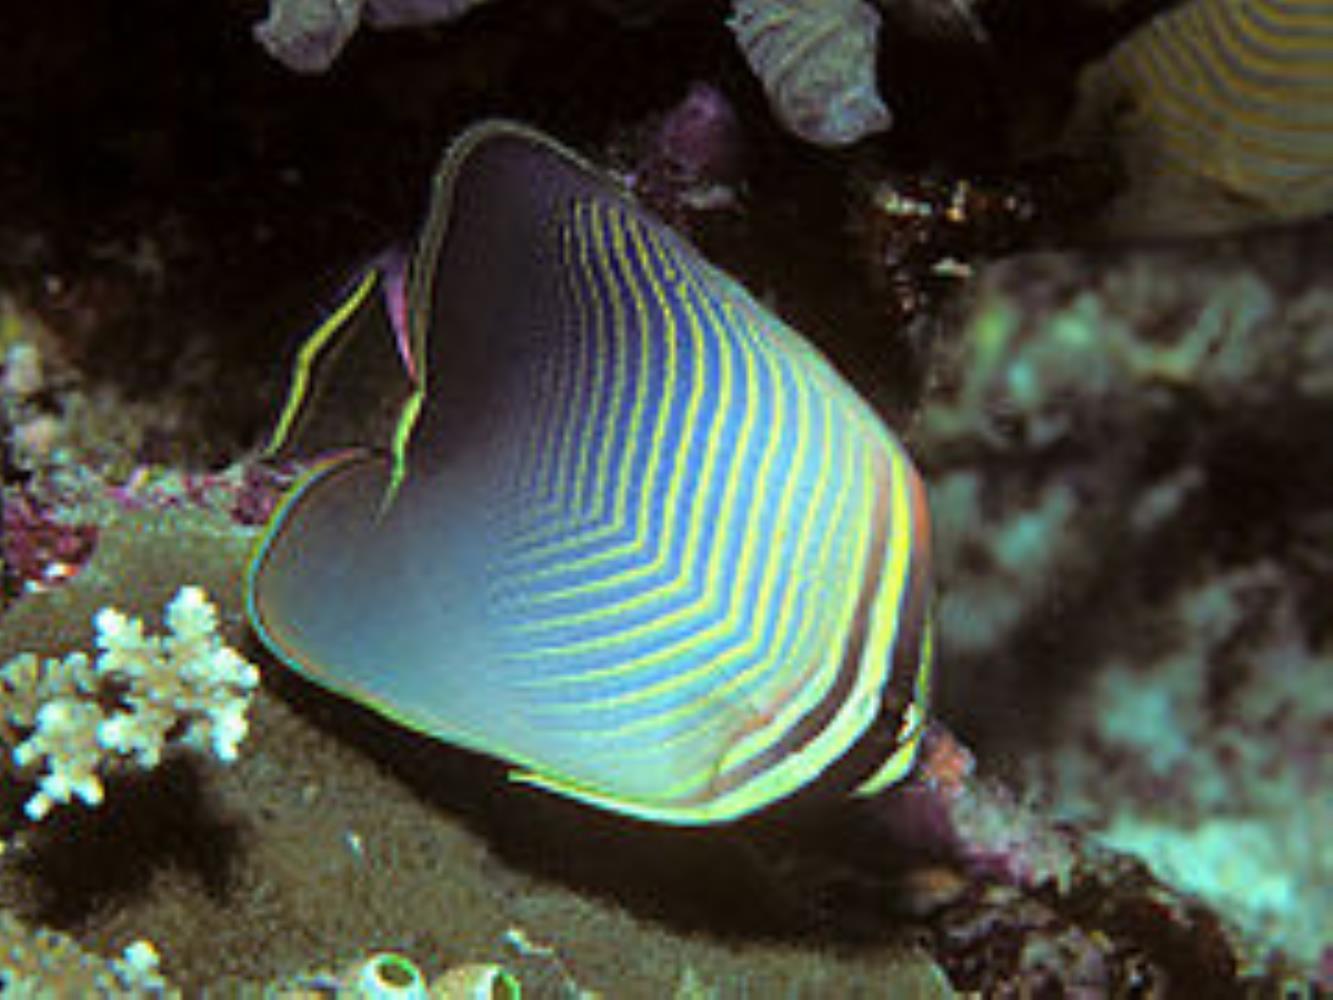 Eastern Triangular Butterflyfish